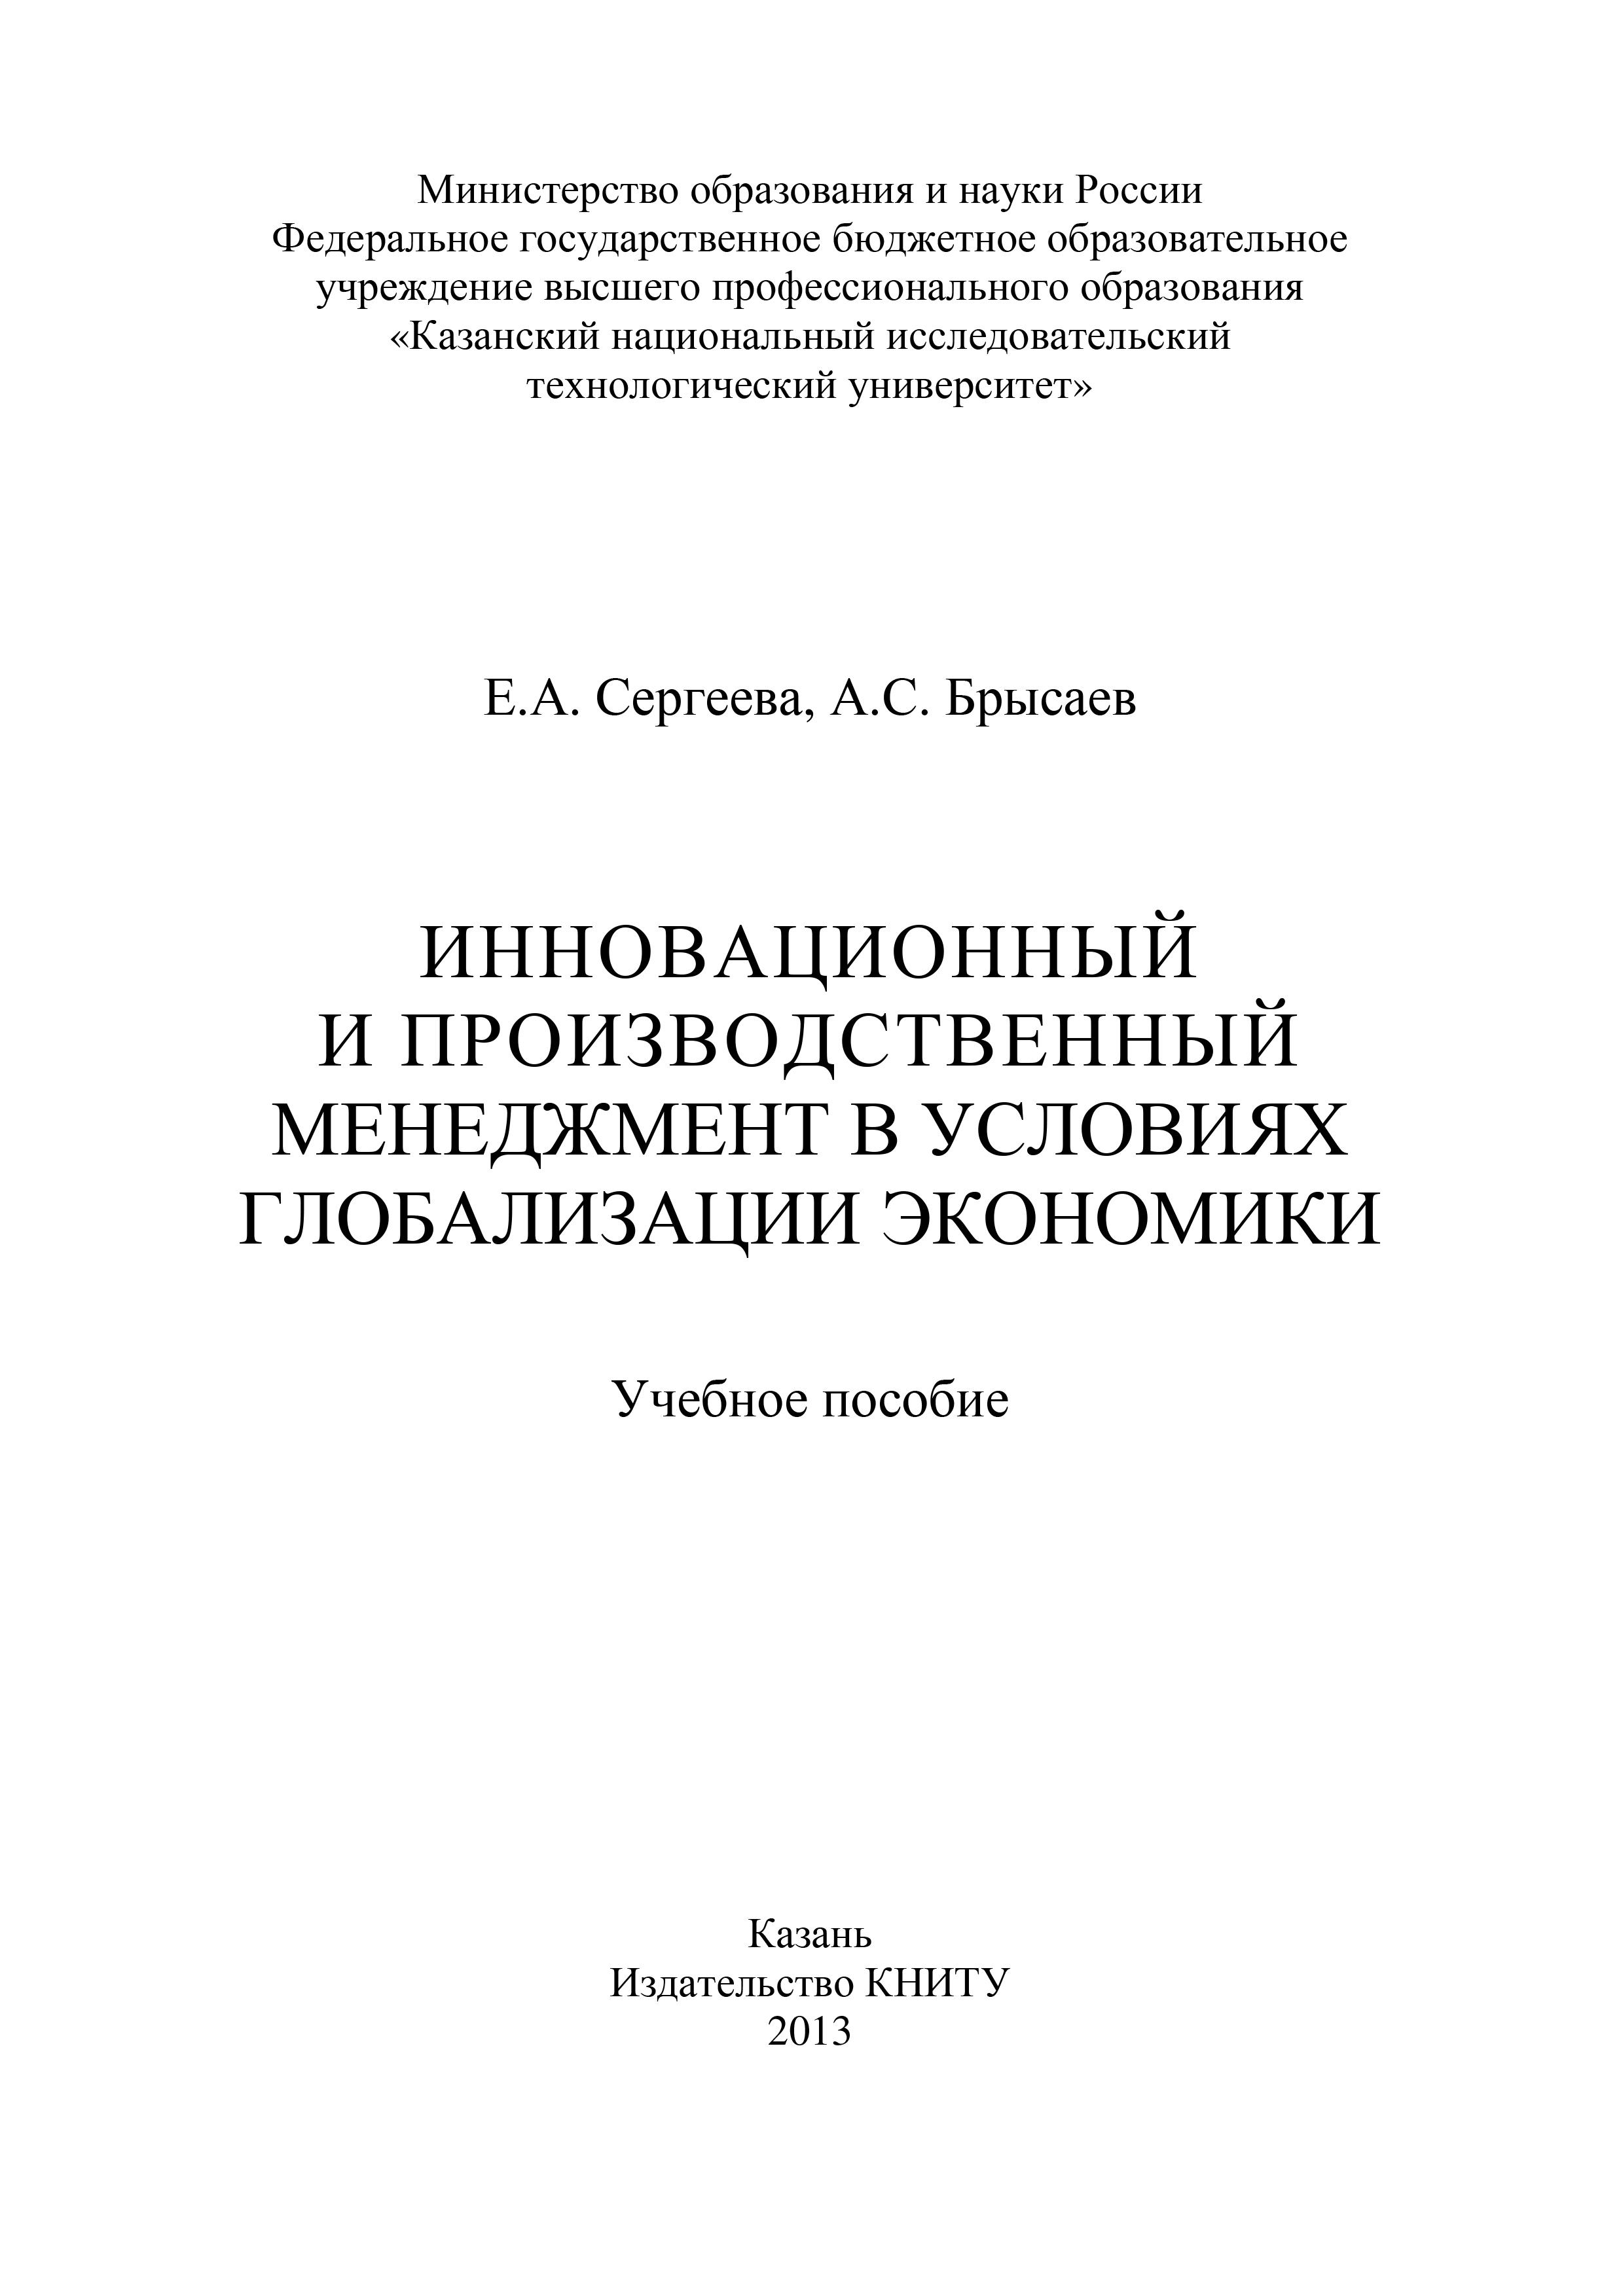 А. Брысаев Инновационный и производственный менеджмент в условиях глобализации экономики